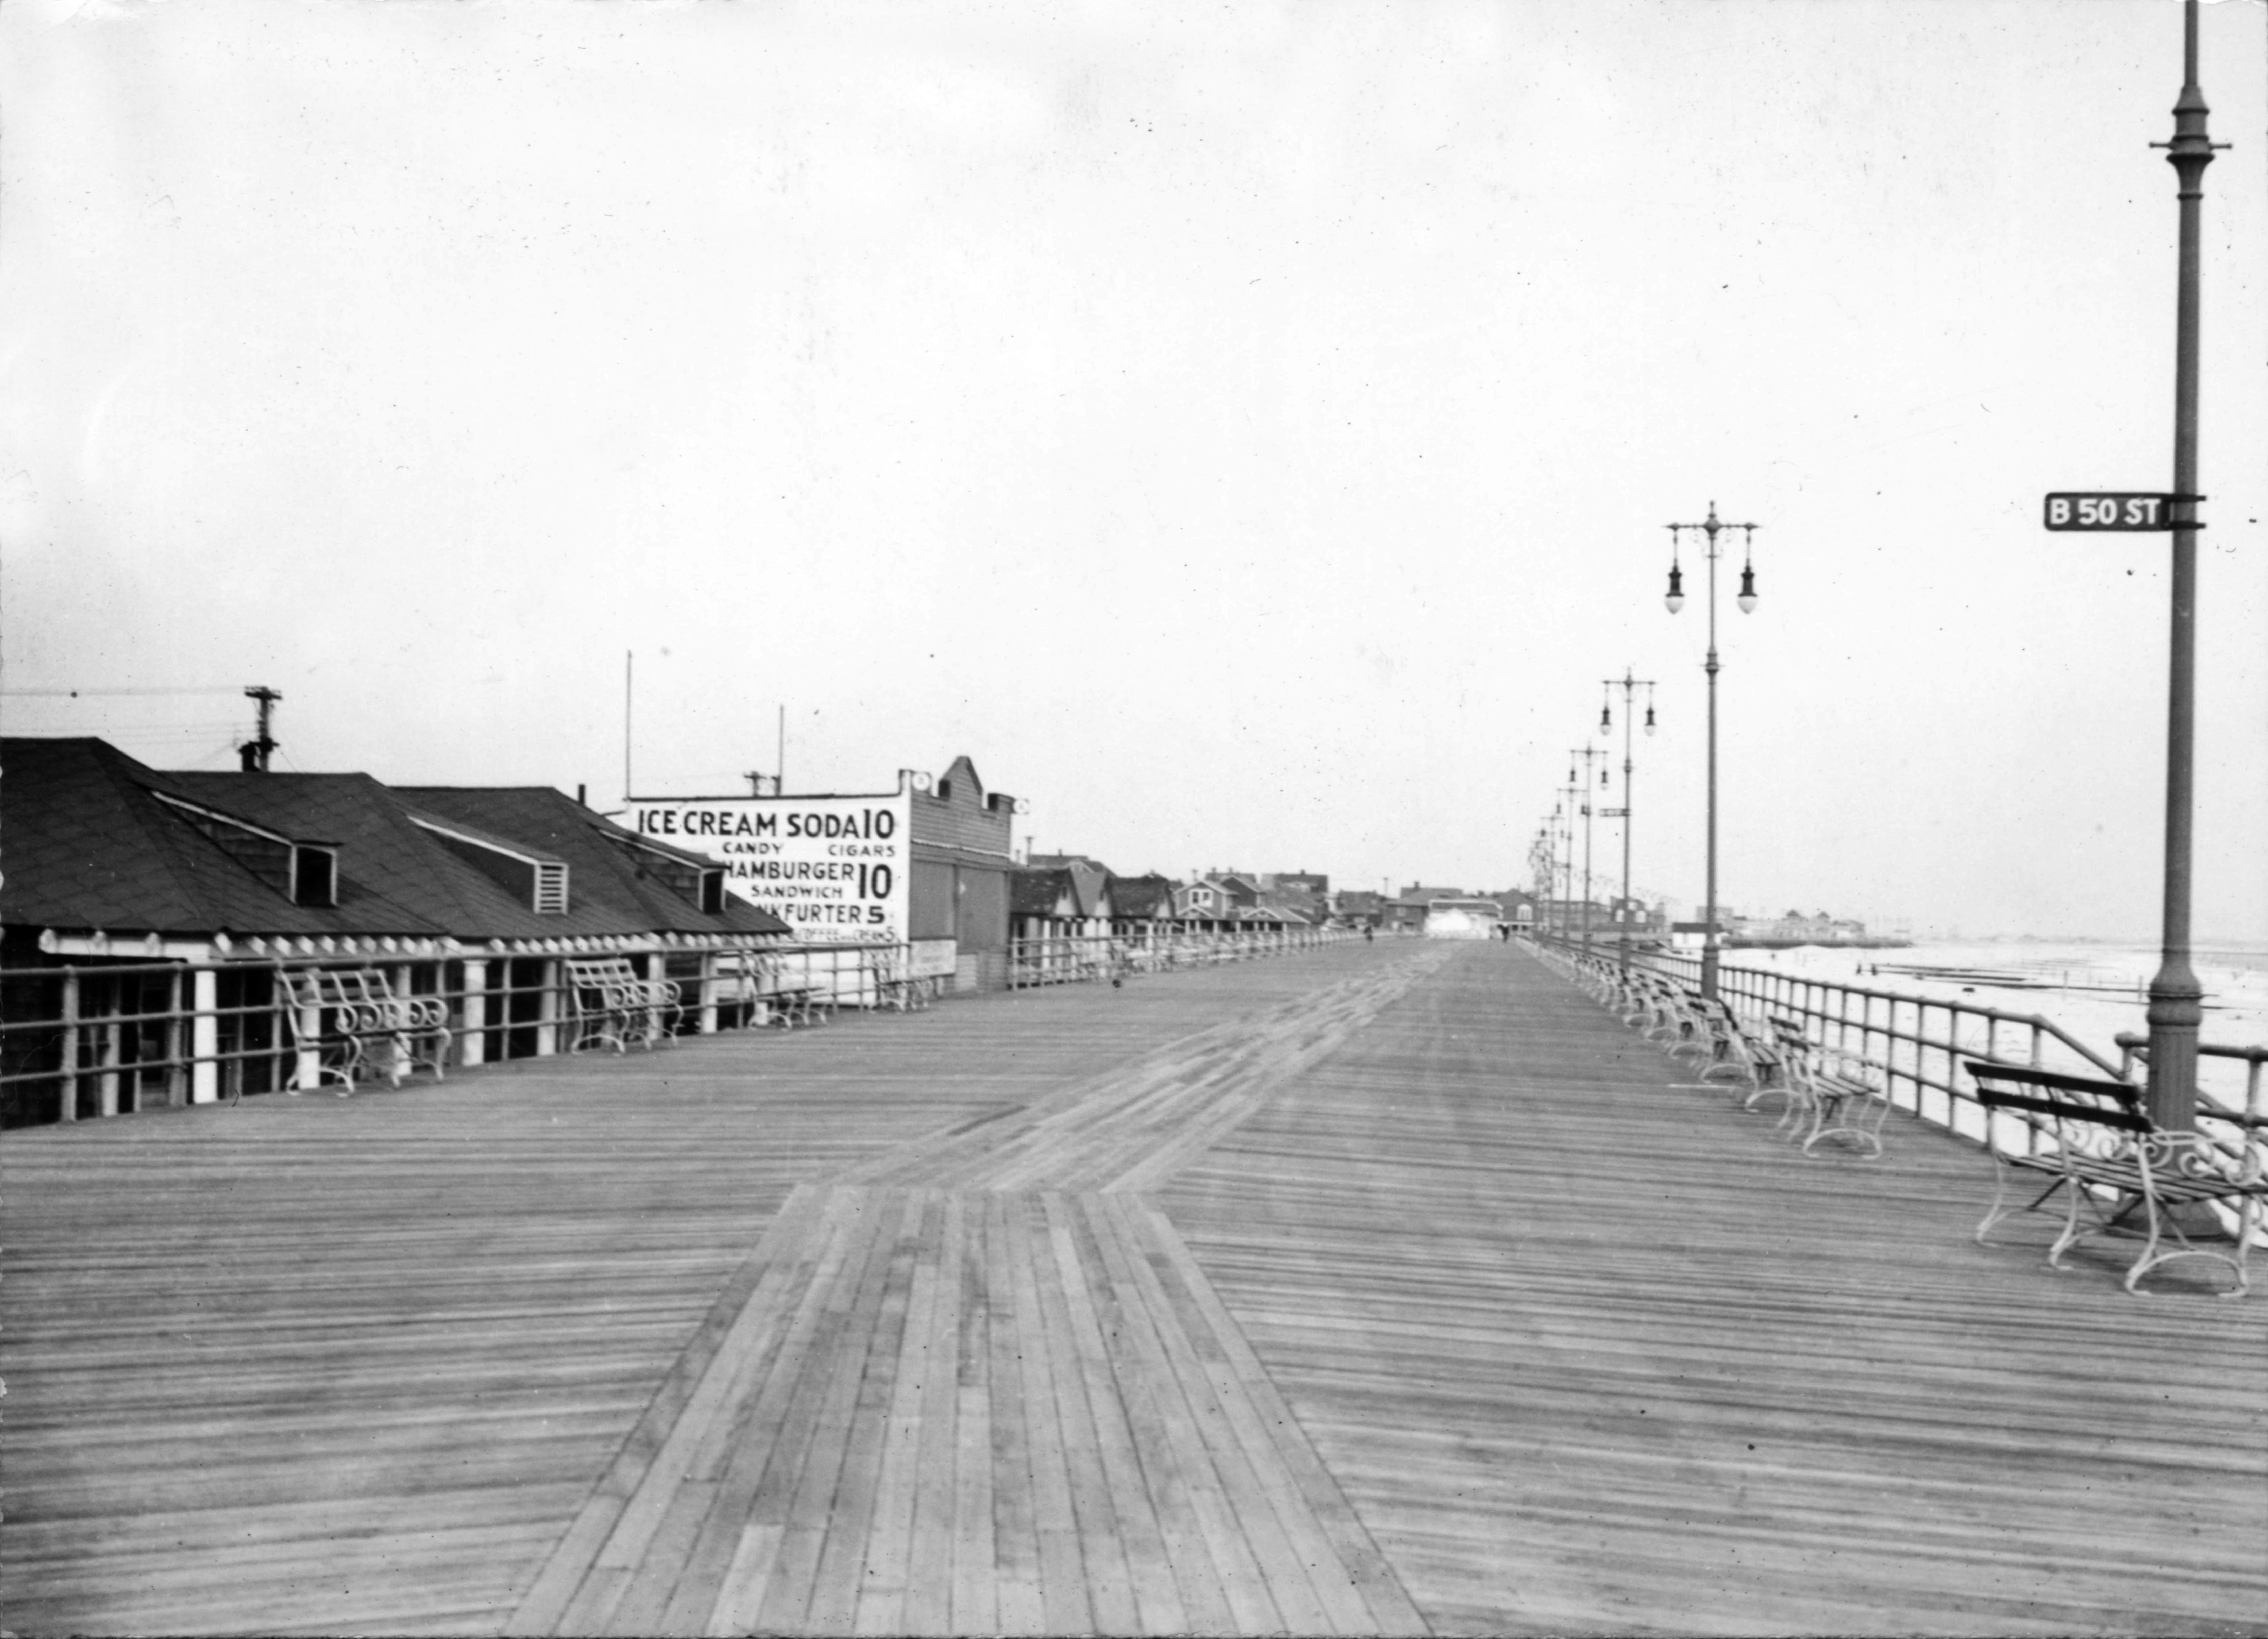 Rockaway Beach Boardwalk Concrete « Inhabitat - Green